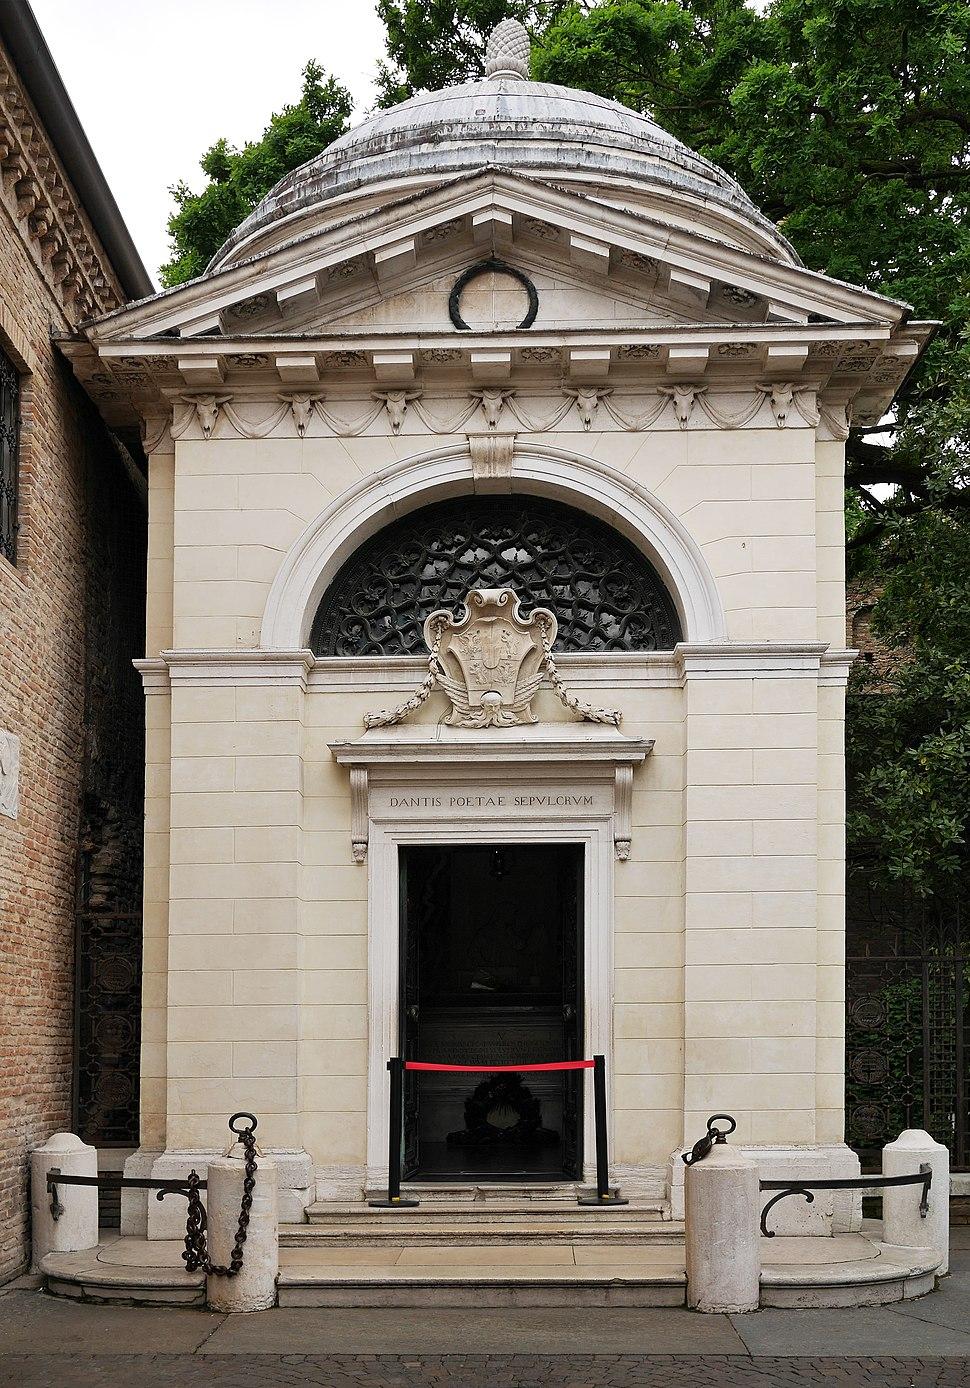 Dante Alighieri tomb in Ravenna (exterior)